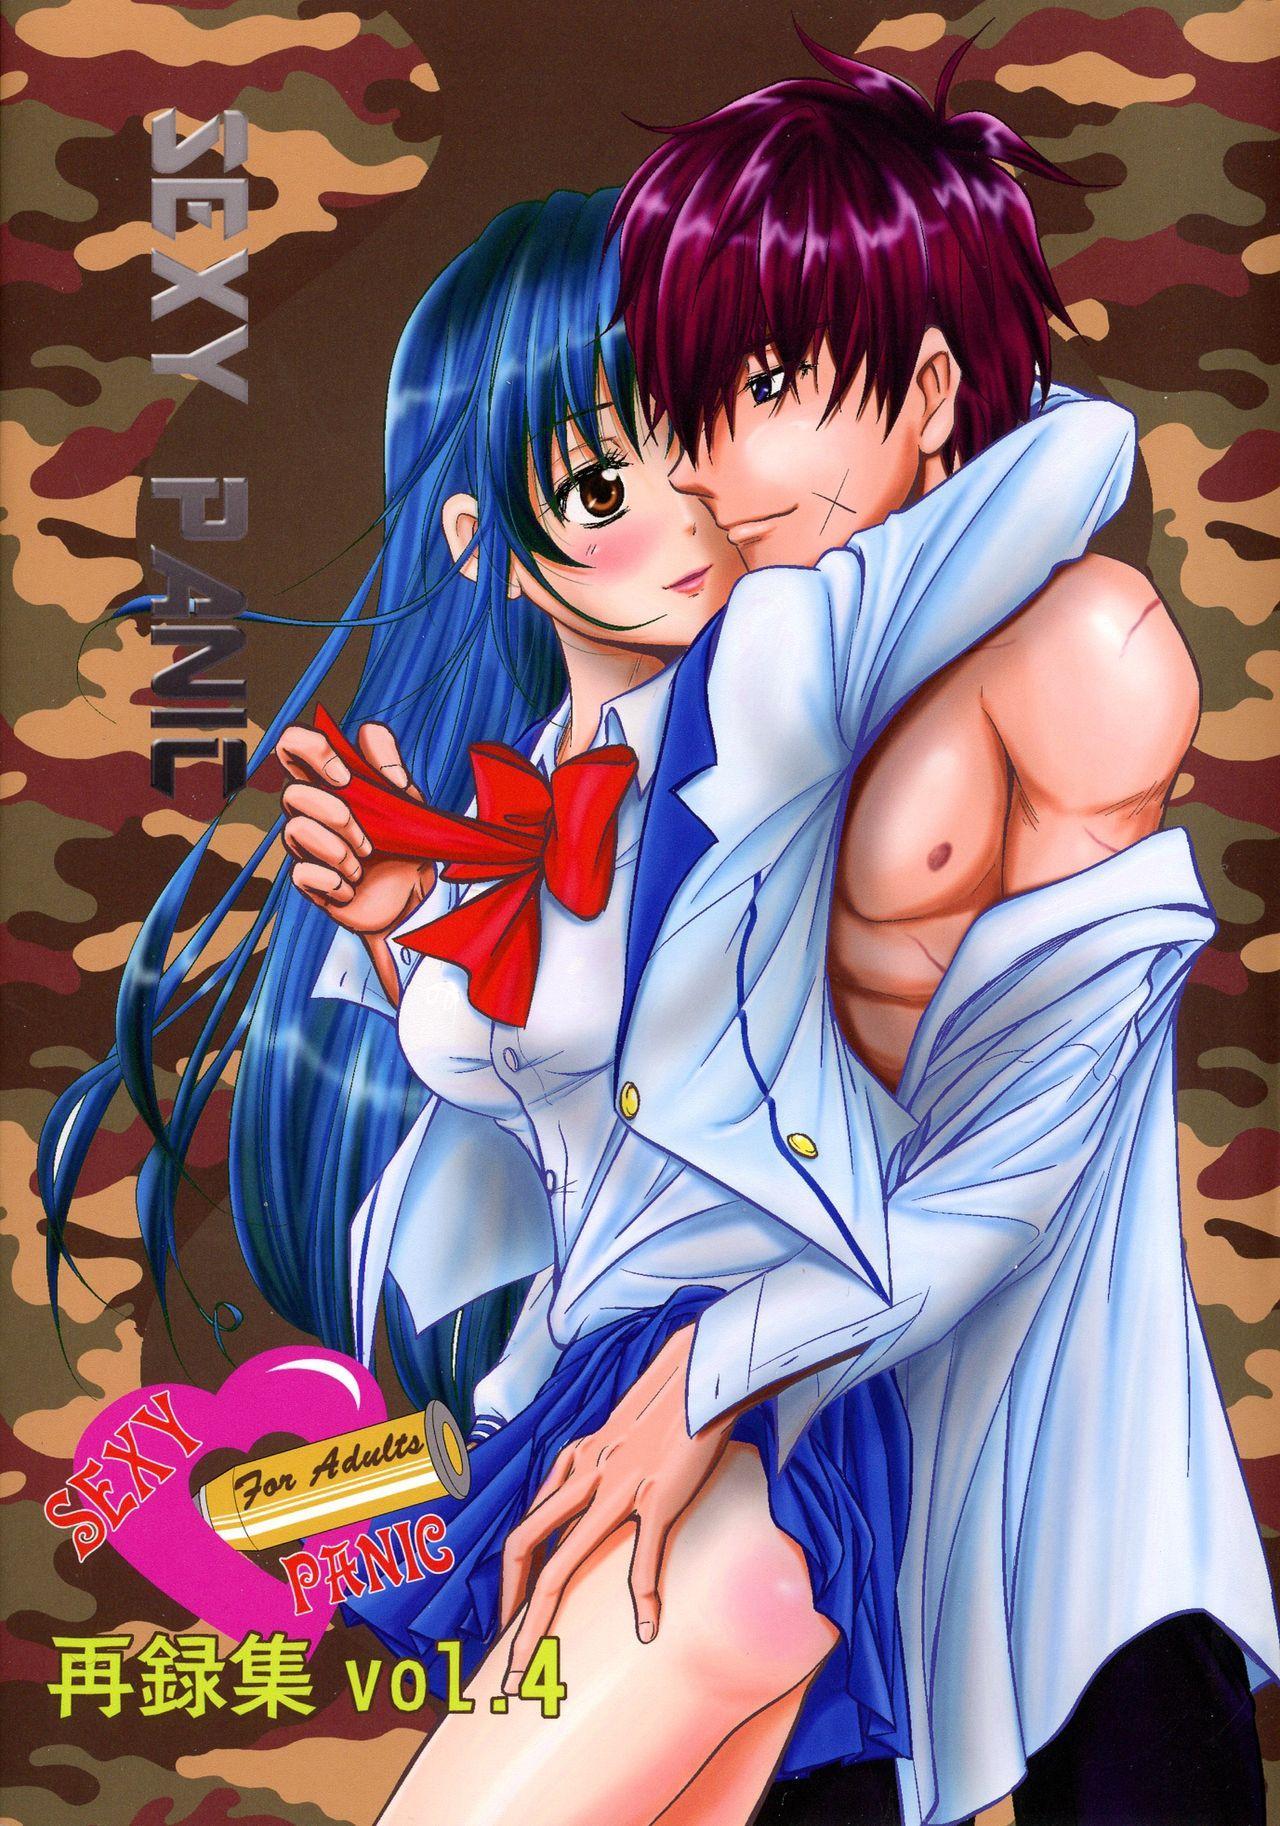 SEXY PANIC Sairokushuu Vol. 4 0